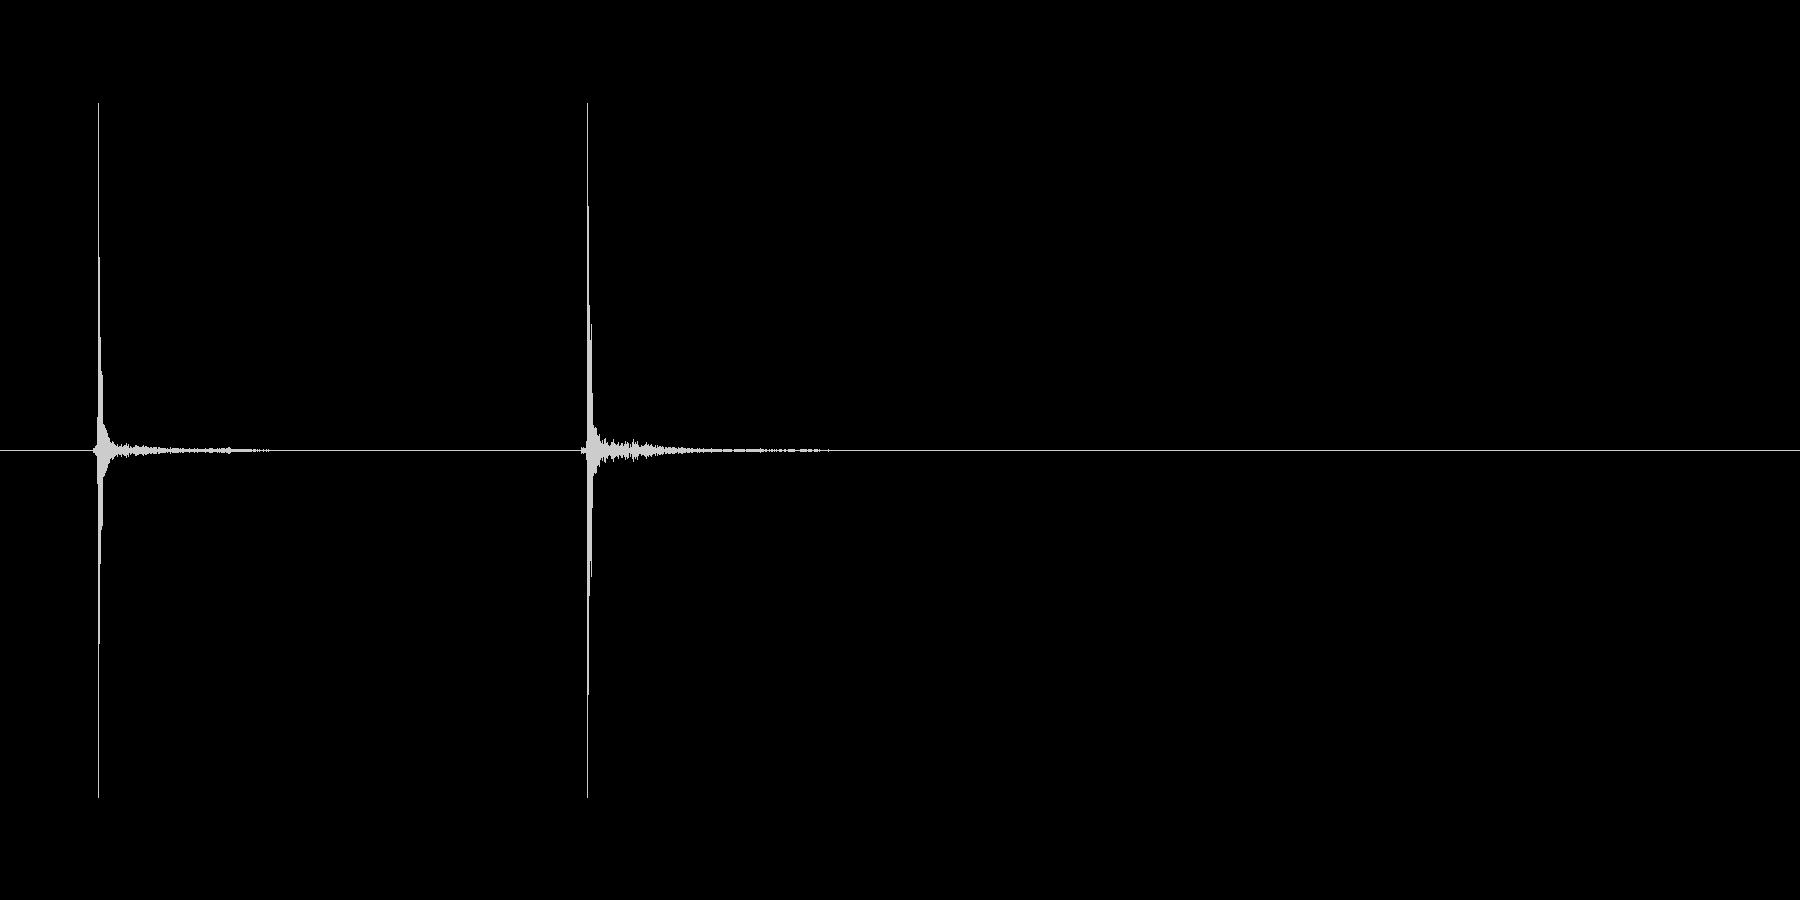 カチッ「ペンクリック音」の未再生の波形